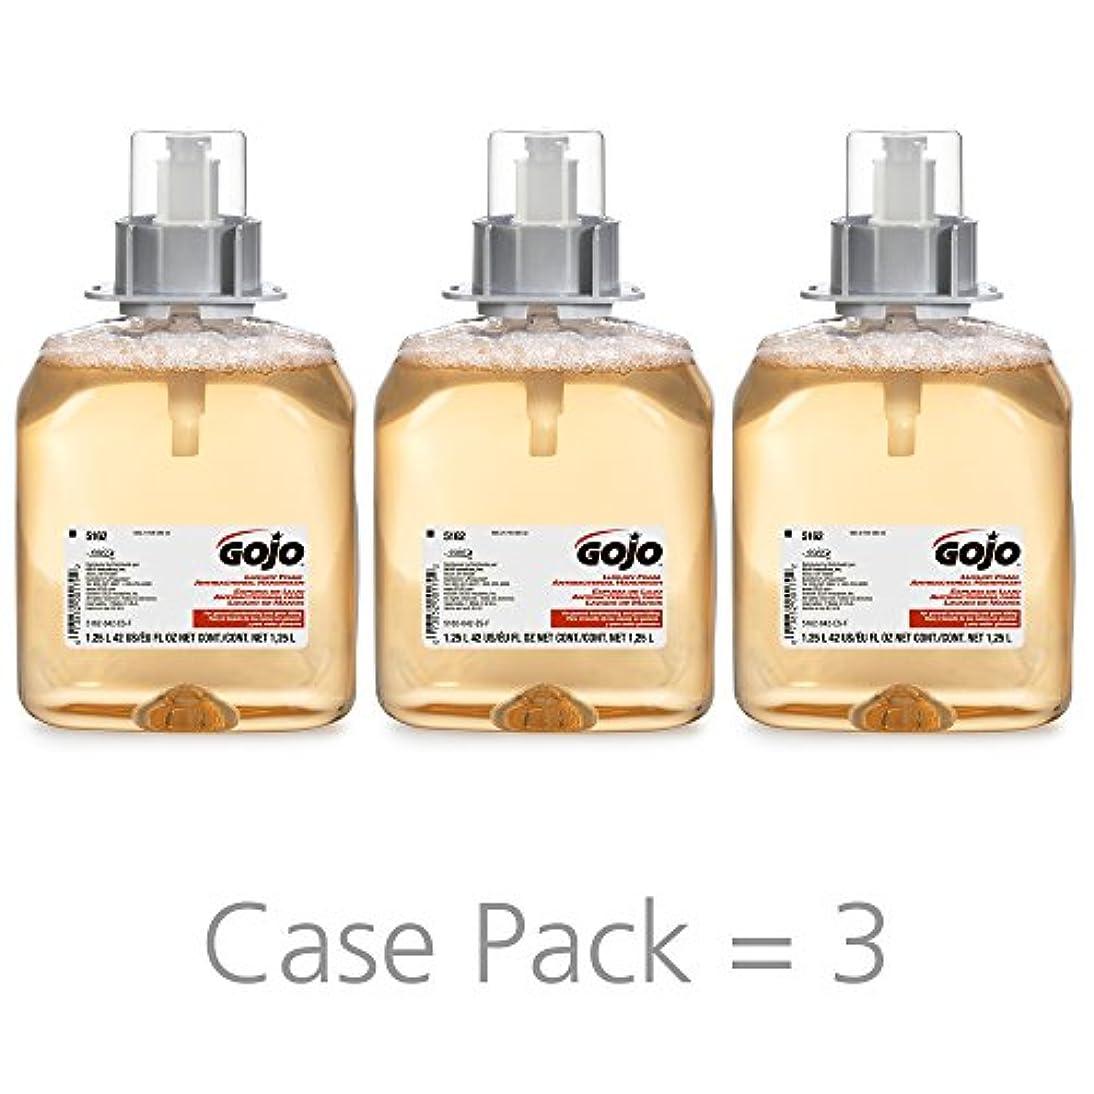 変える有害な悲しみGOJO 516203CT FMX-12 Foam Hand Wash, Fresh Fruit, FMX-12 Dispenser, 1250mL Pump, 3/Carton by Gojo